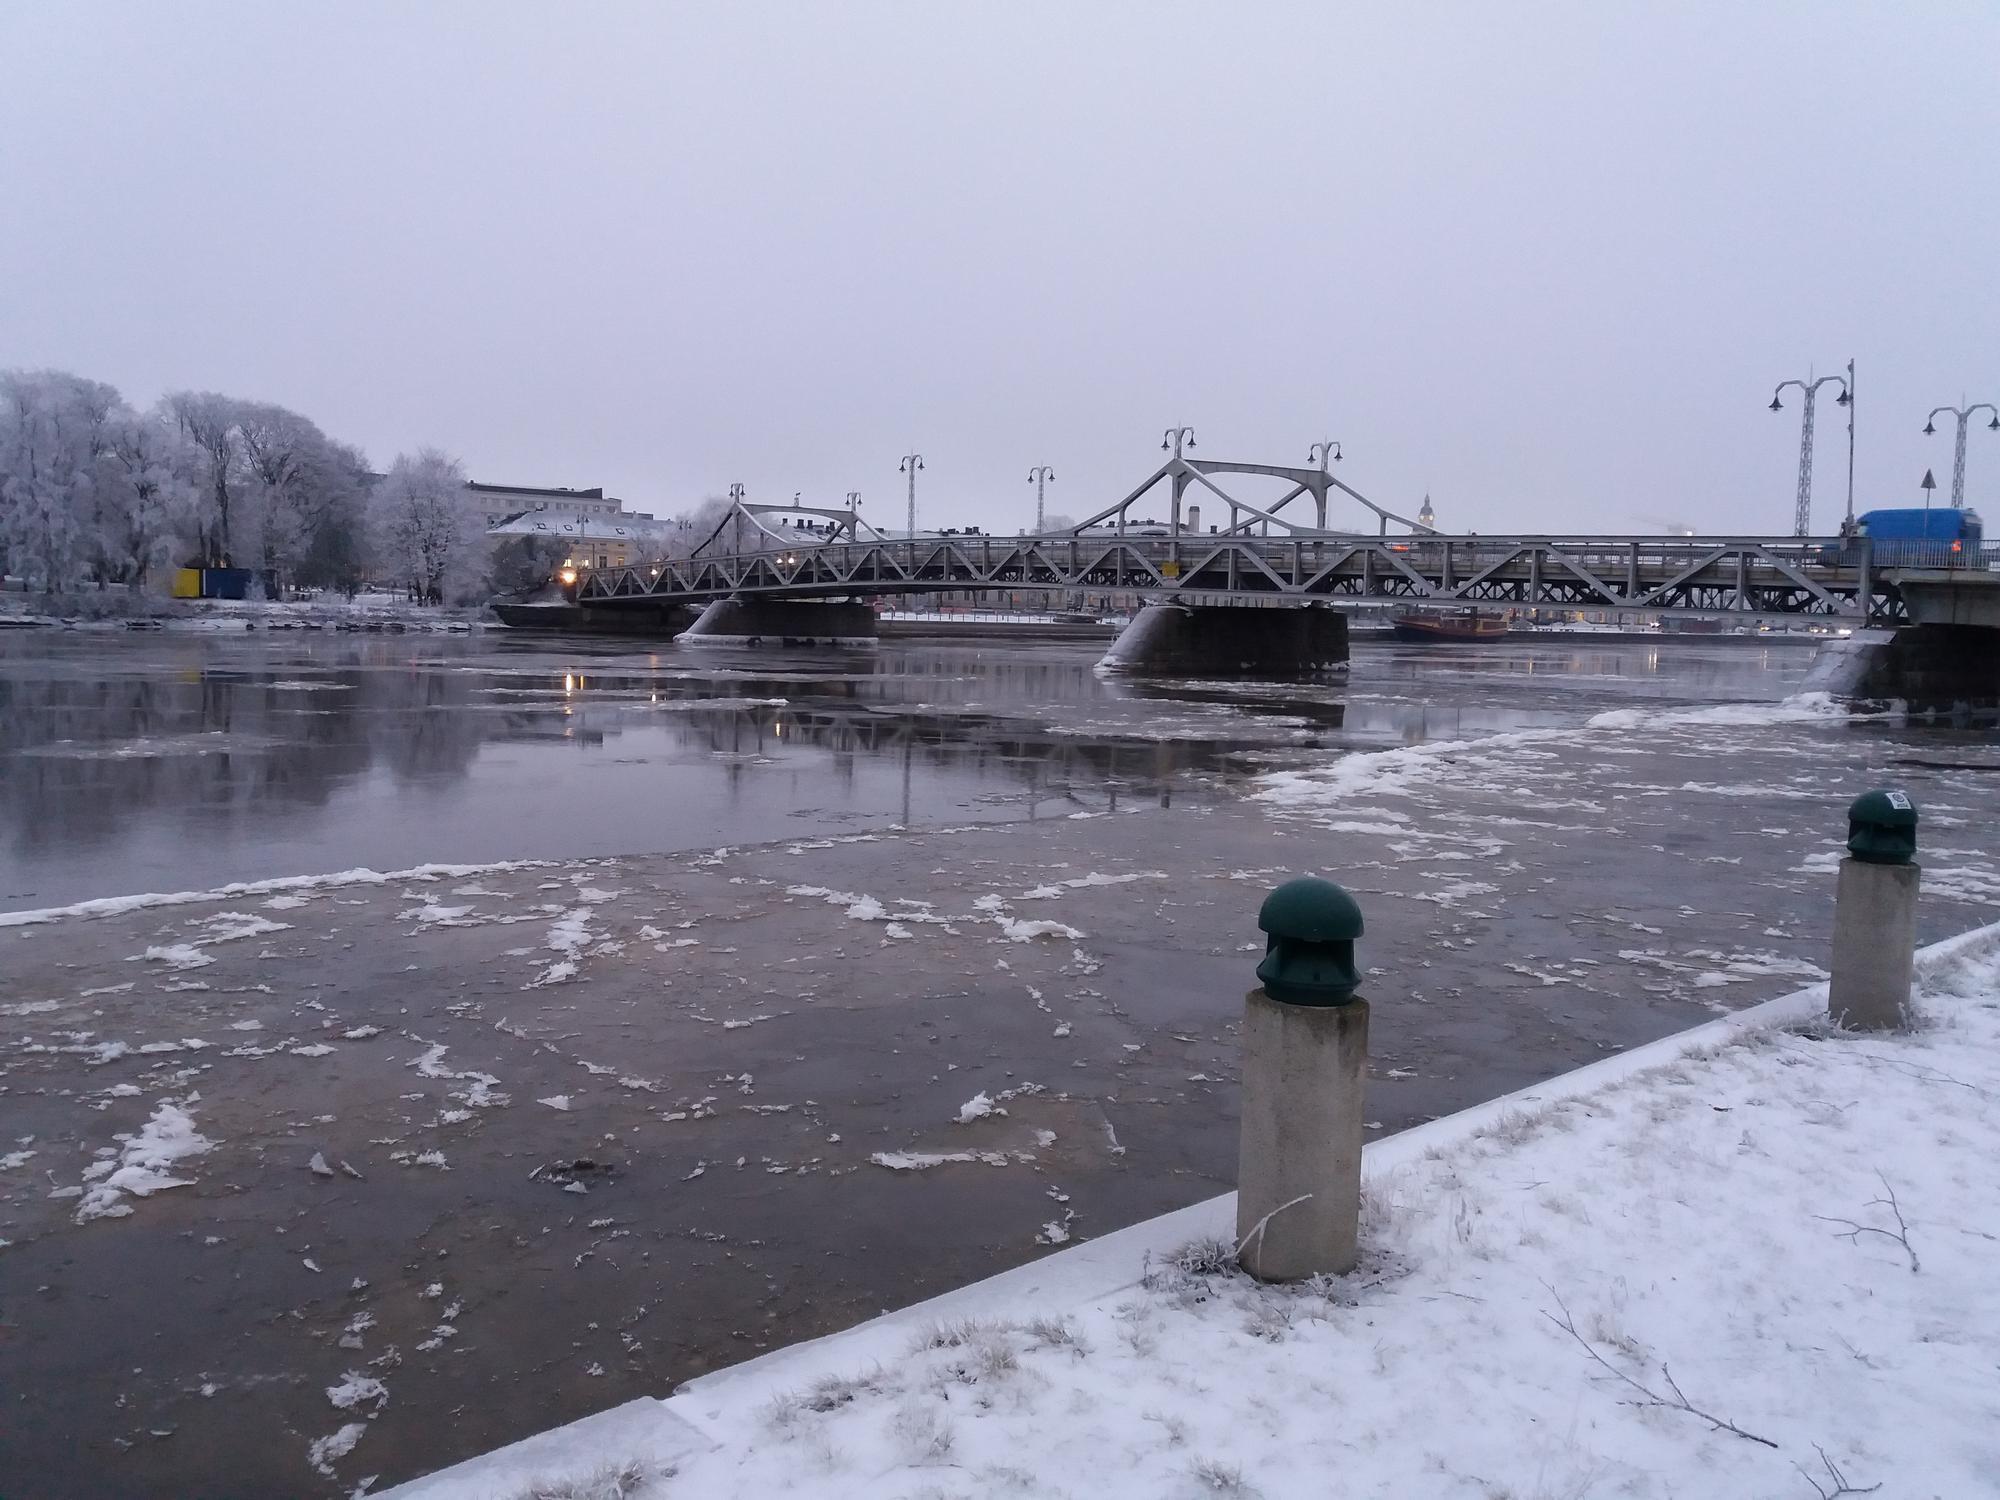 Hyydelauttoja virtaa Porin keskustassa jäädytysajon alkuvaiheessa 11.1.2018. (Kuva: Pekka Vuola, Porin kaupunki)